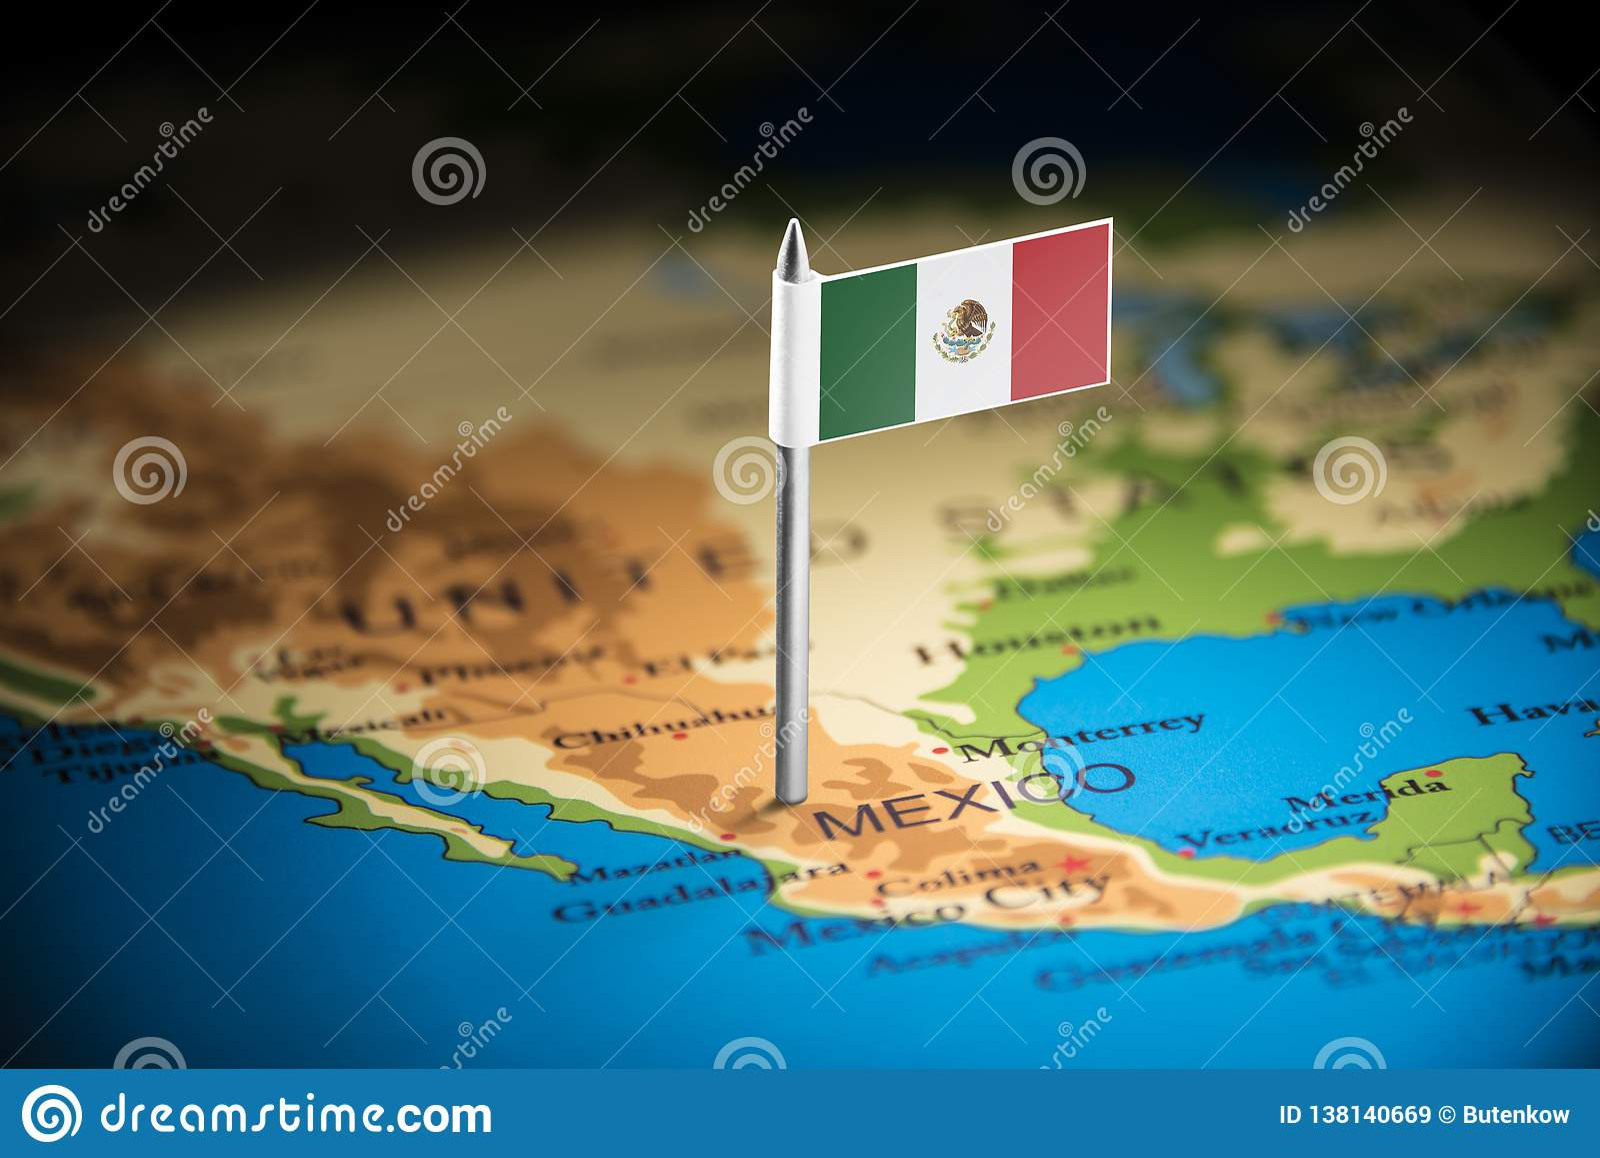 Le Mexique a identifié par un drapeau sur la carte